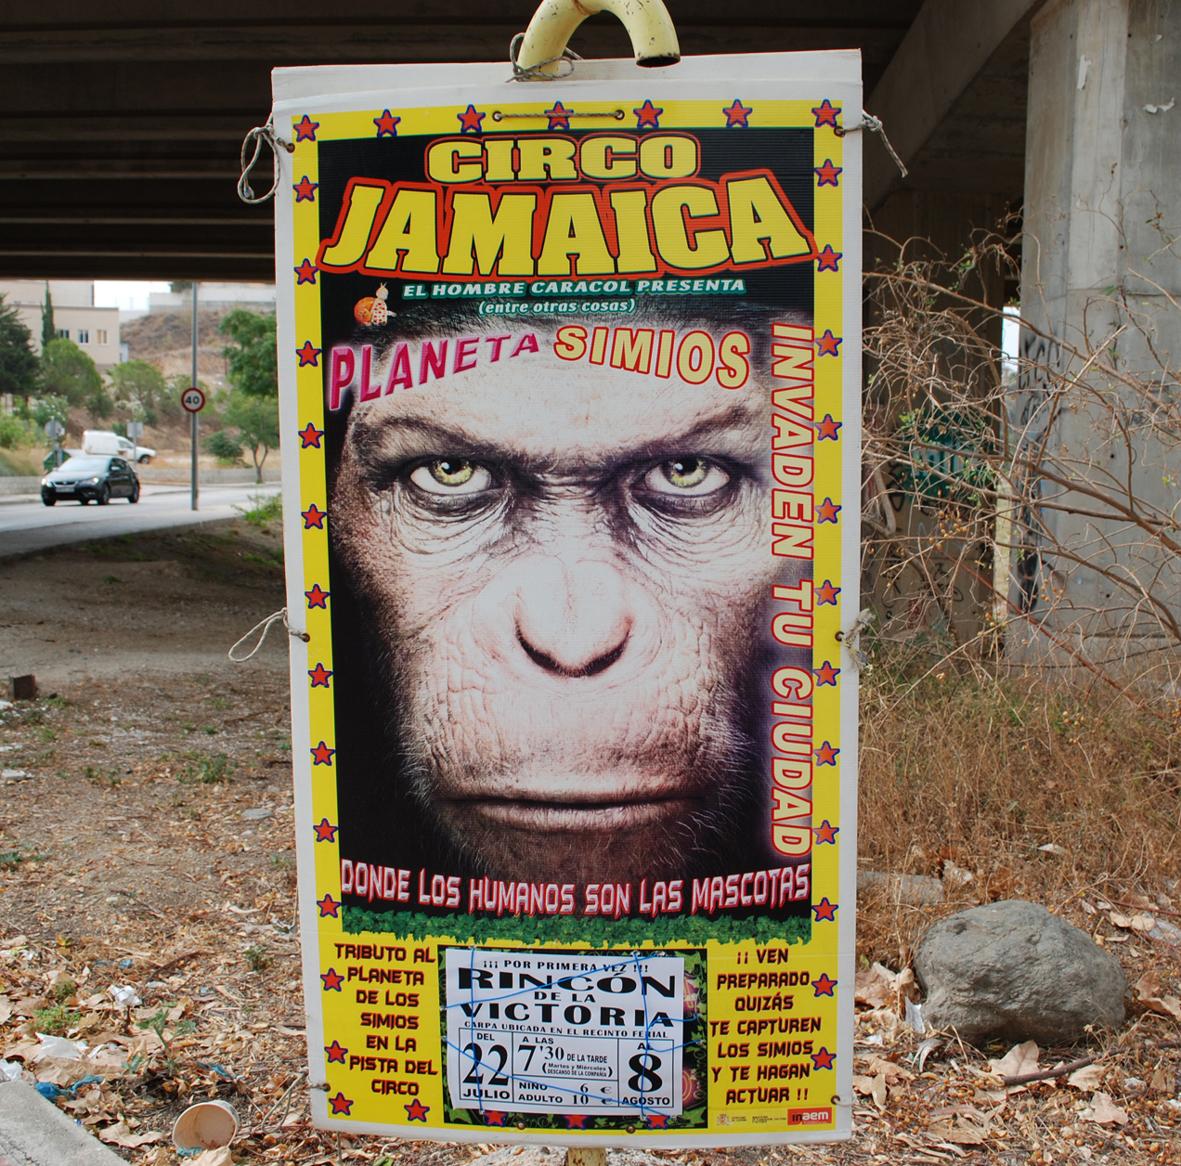 Arrinconados Circo Jamaica